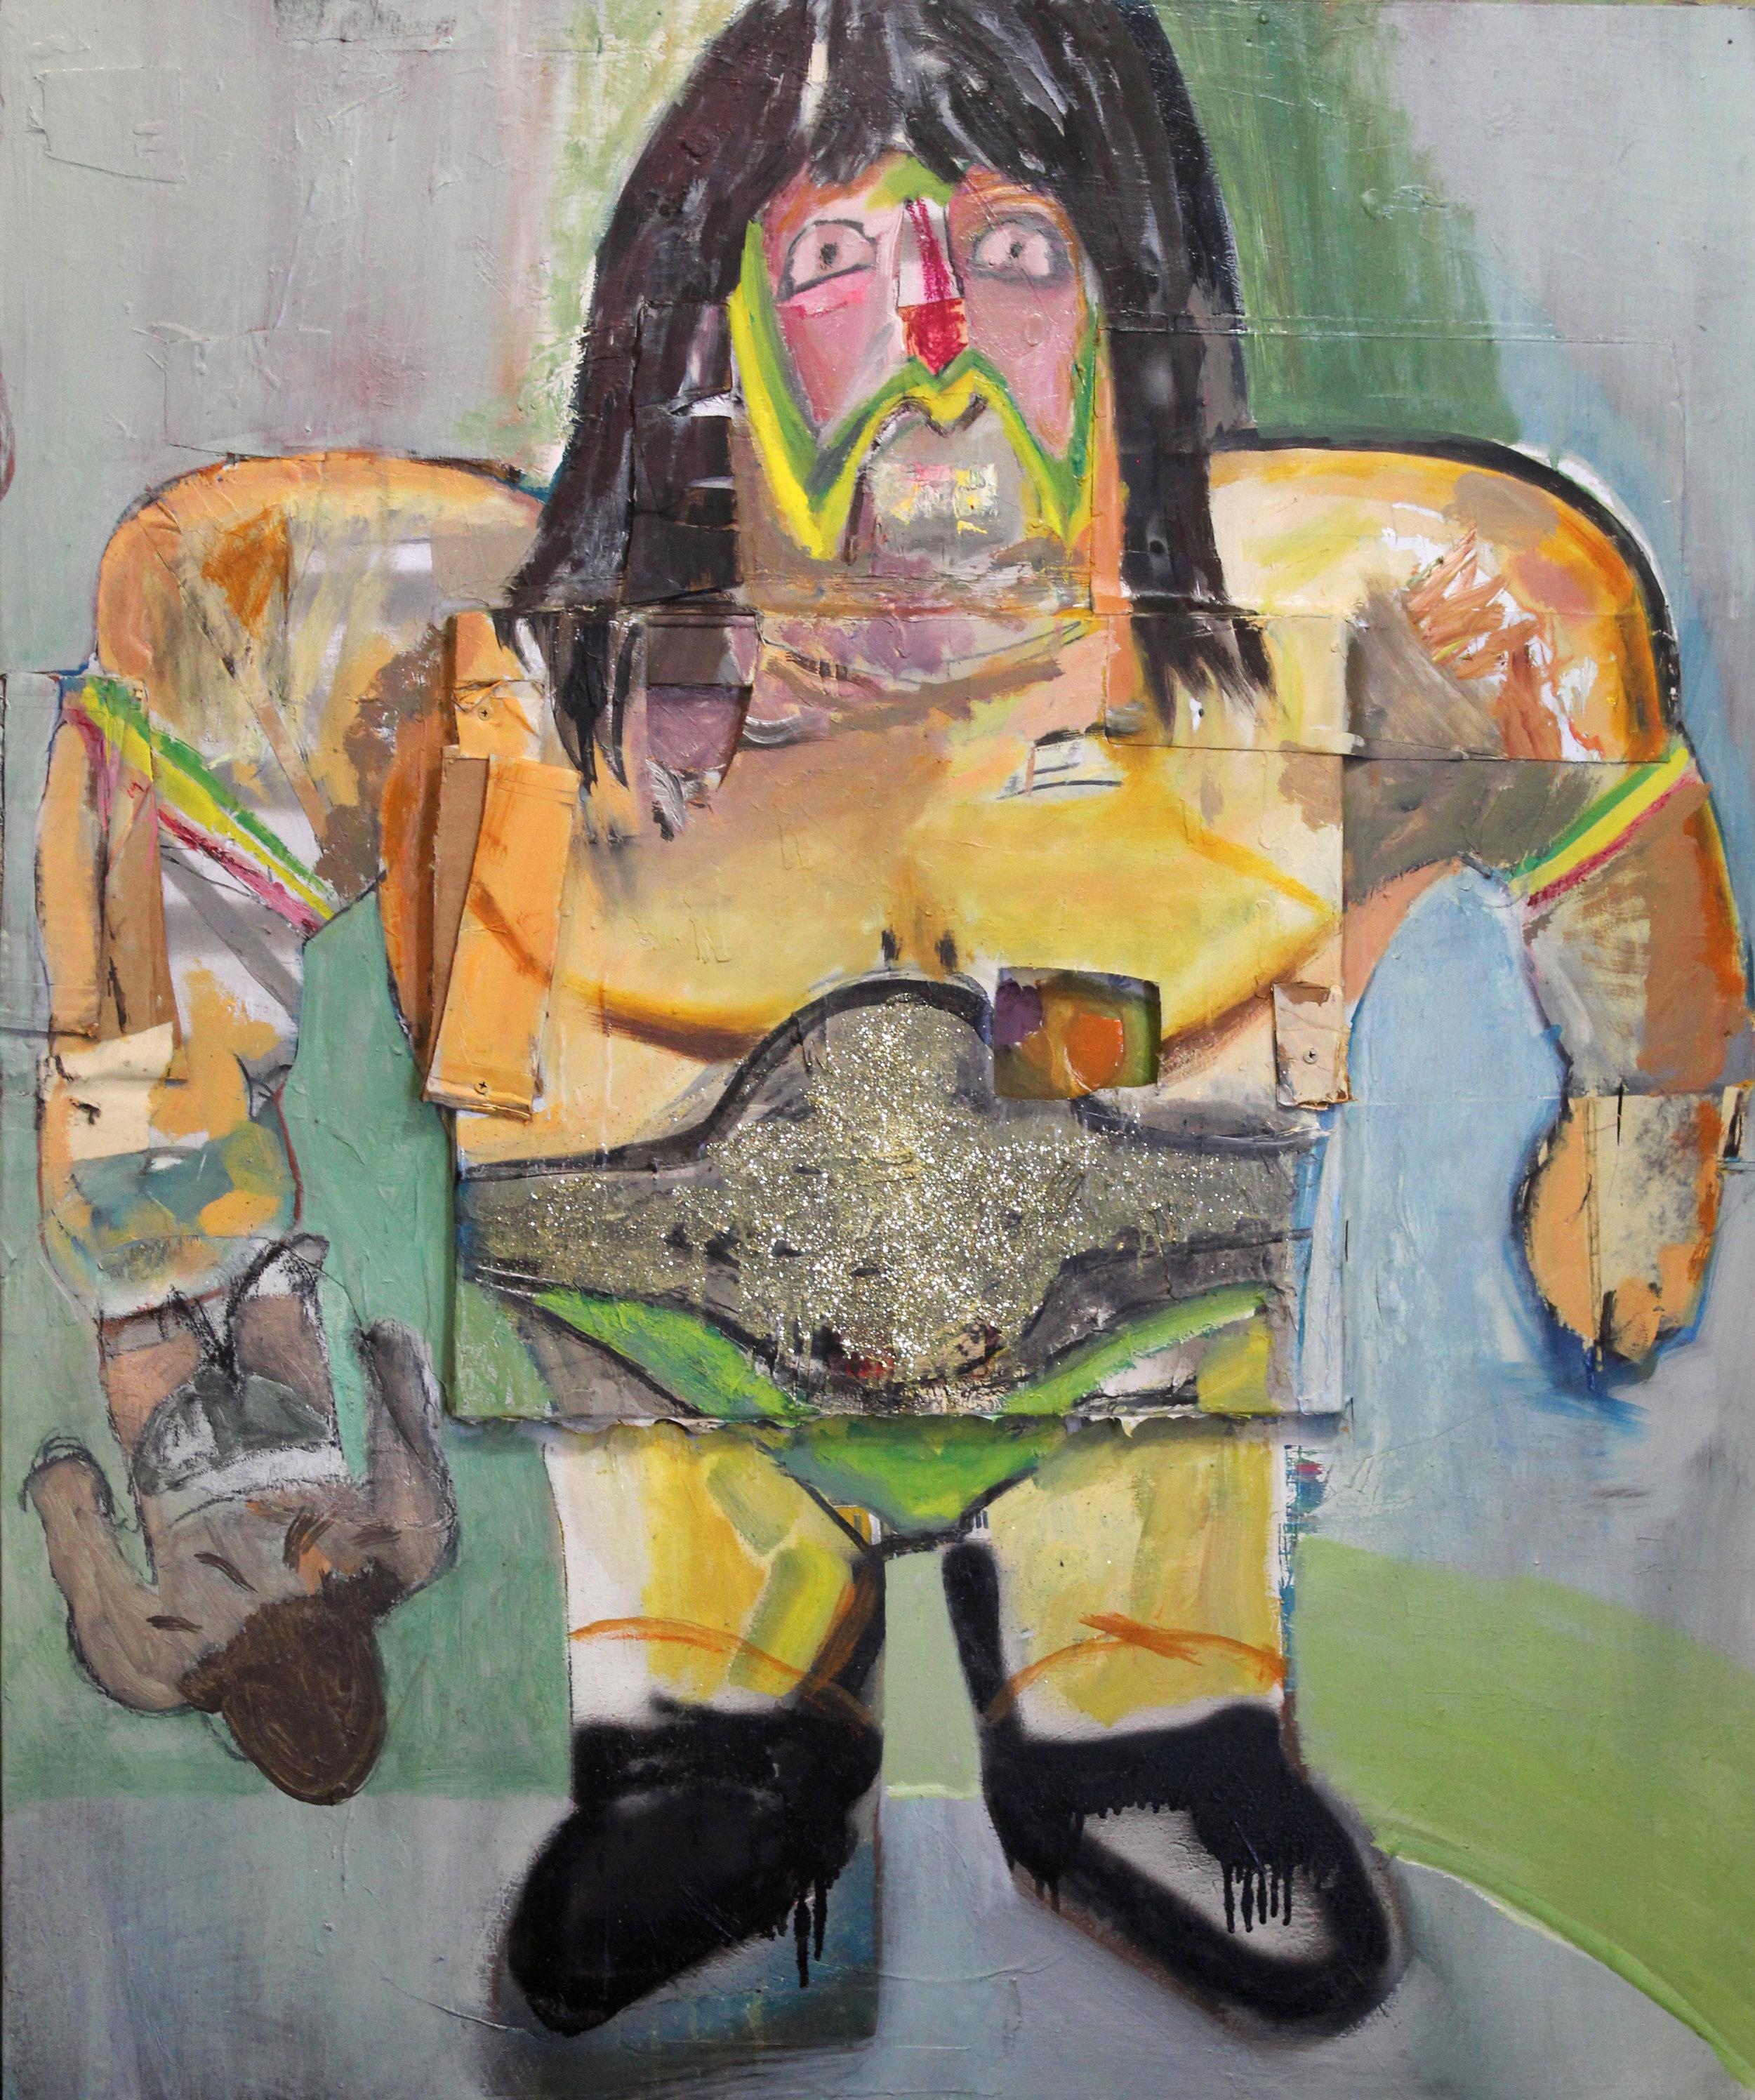 """The Warrior   acrylic, oil, cardboard, glitter, wood, screws on canvas  48""""x36""""  2018   Available"""